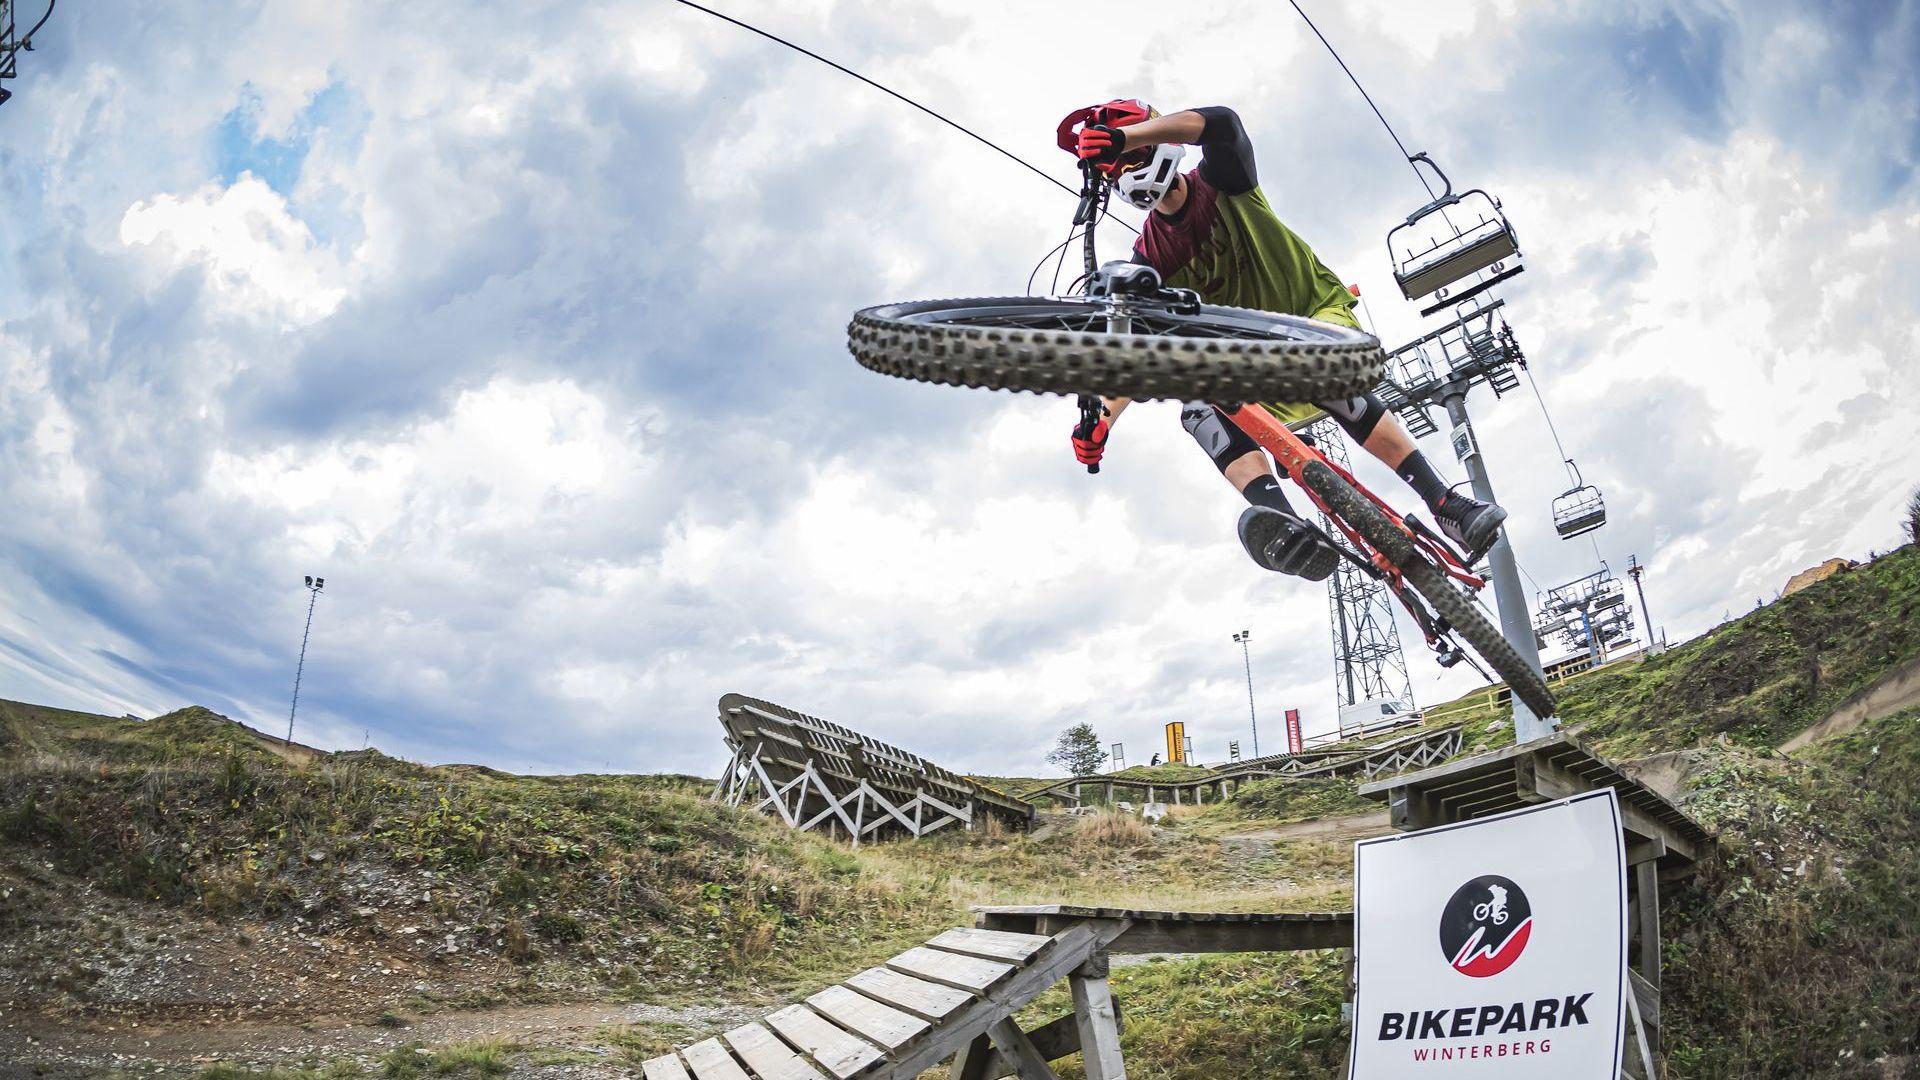 Bikepark Winterberg mit Trail und Lift